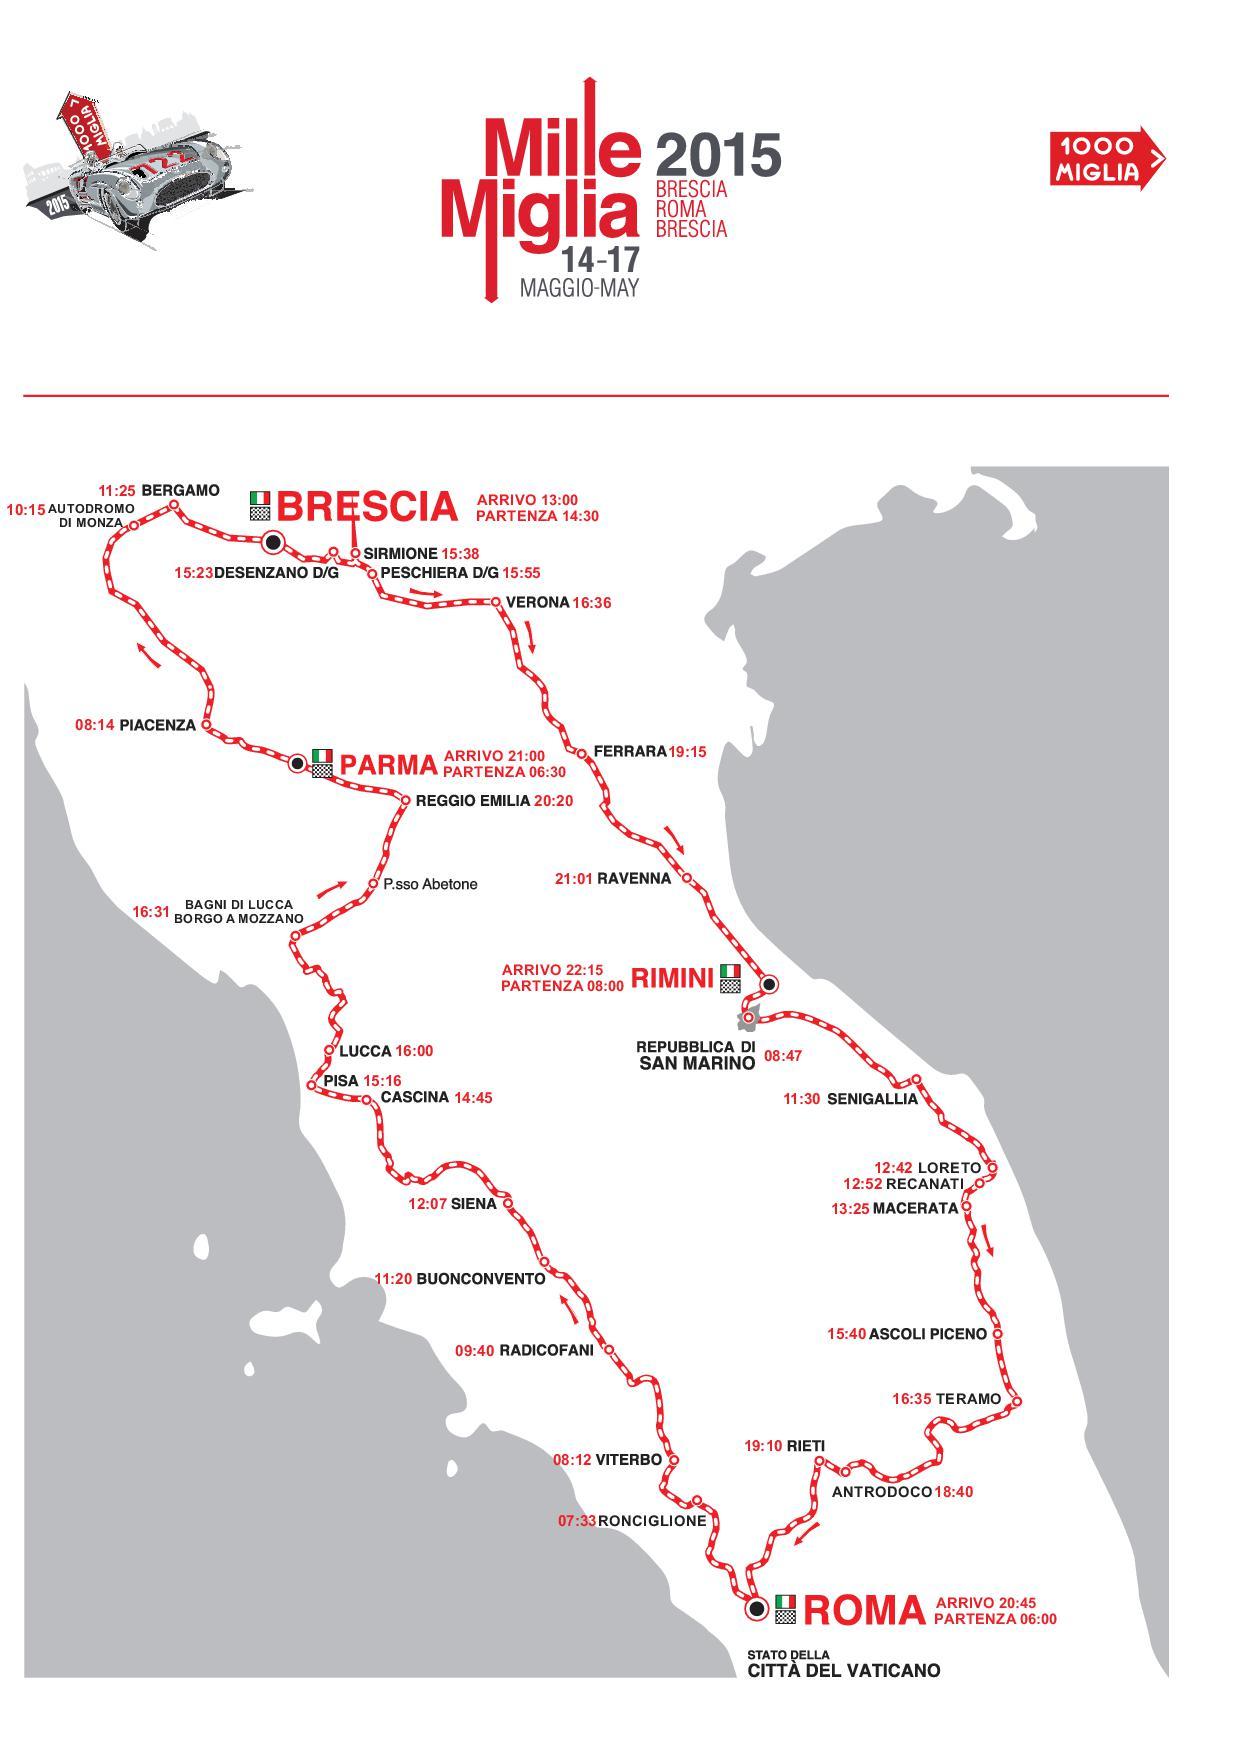 roadmap_mille__miglia_2015